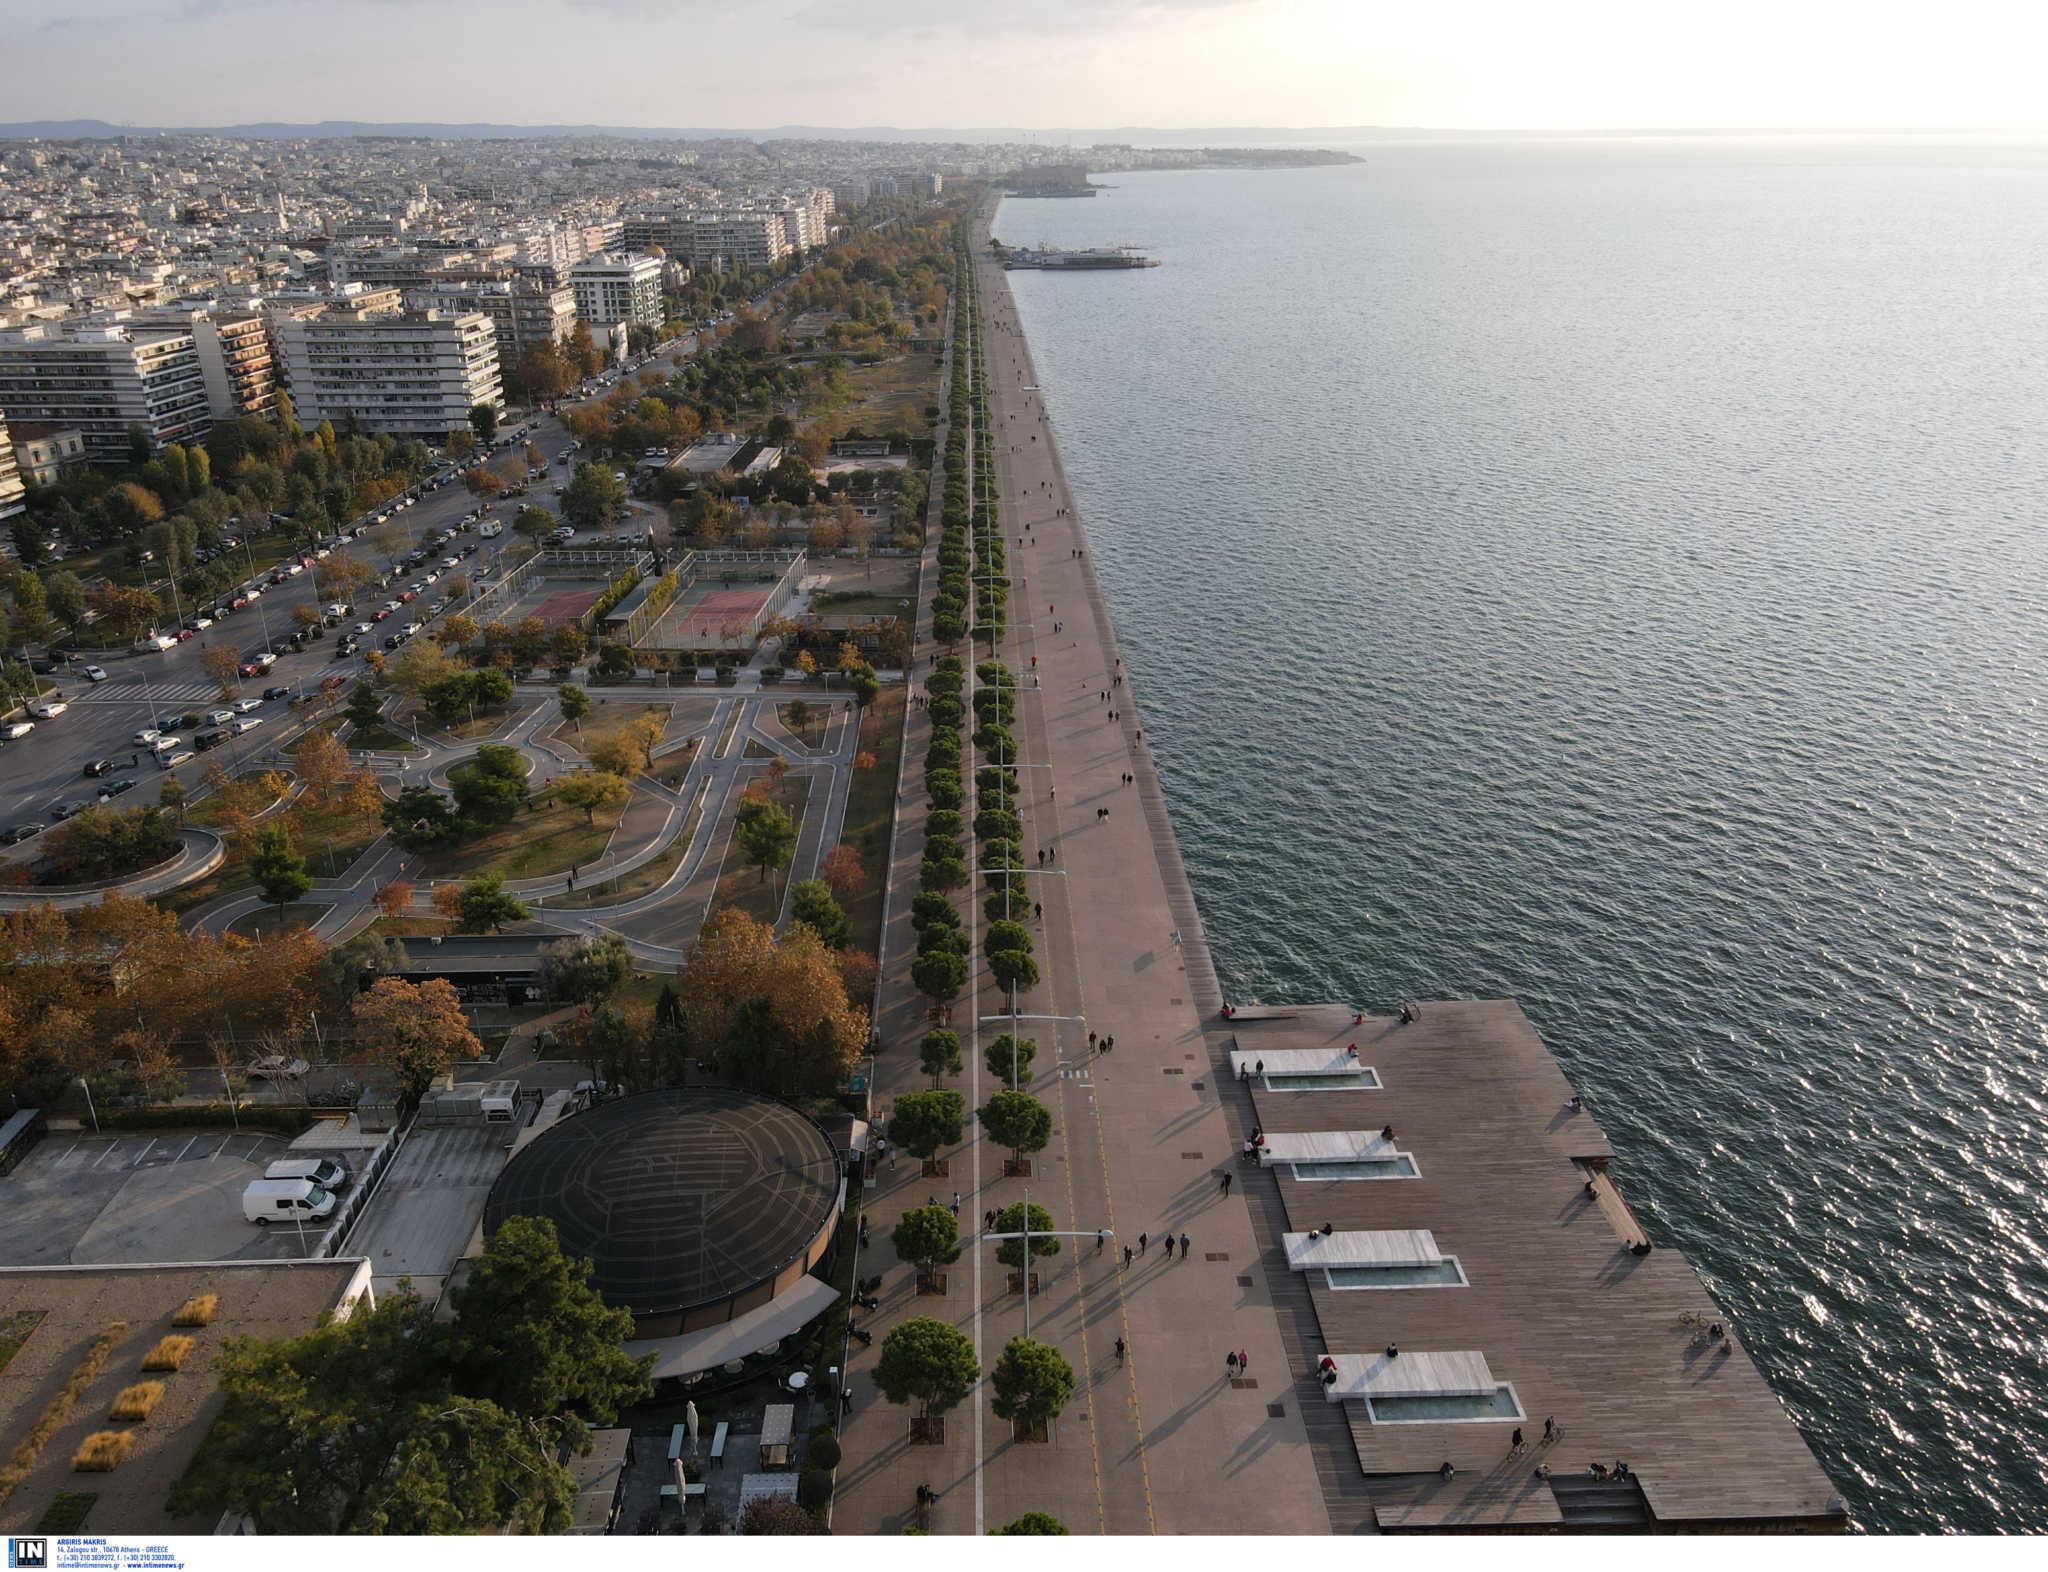 Παρέμβαση εισαγγελέα για διασπορά κορονοϊού στη Θεσσαλονίκη – Στο στόχαστρο αρνητής ιερέας